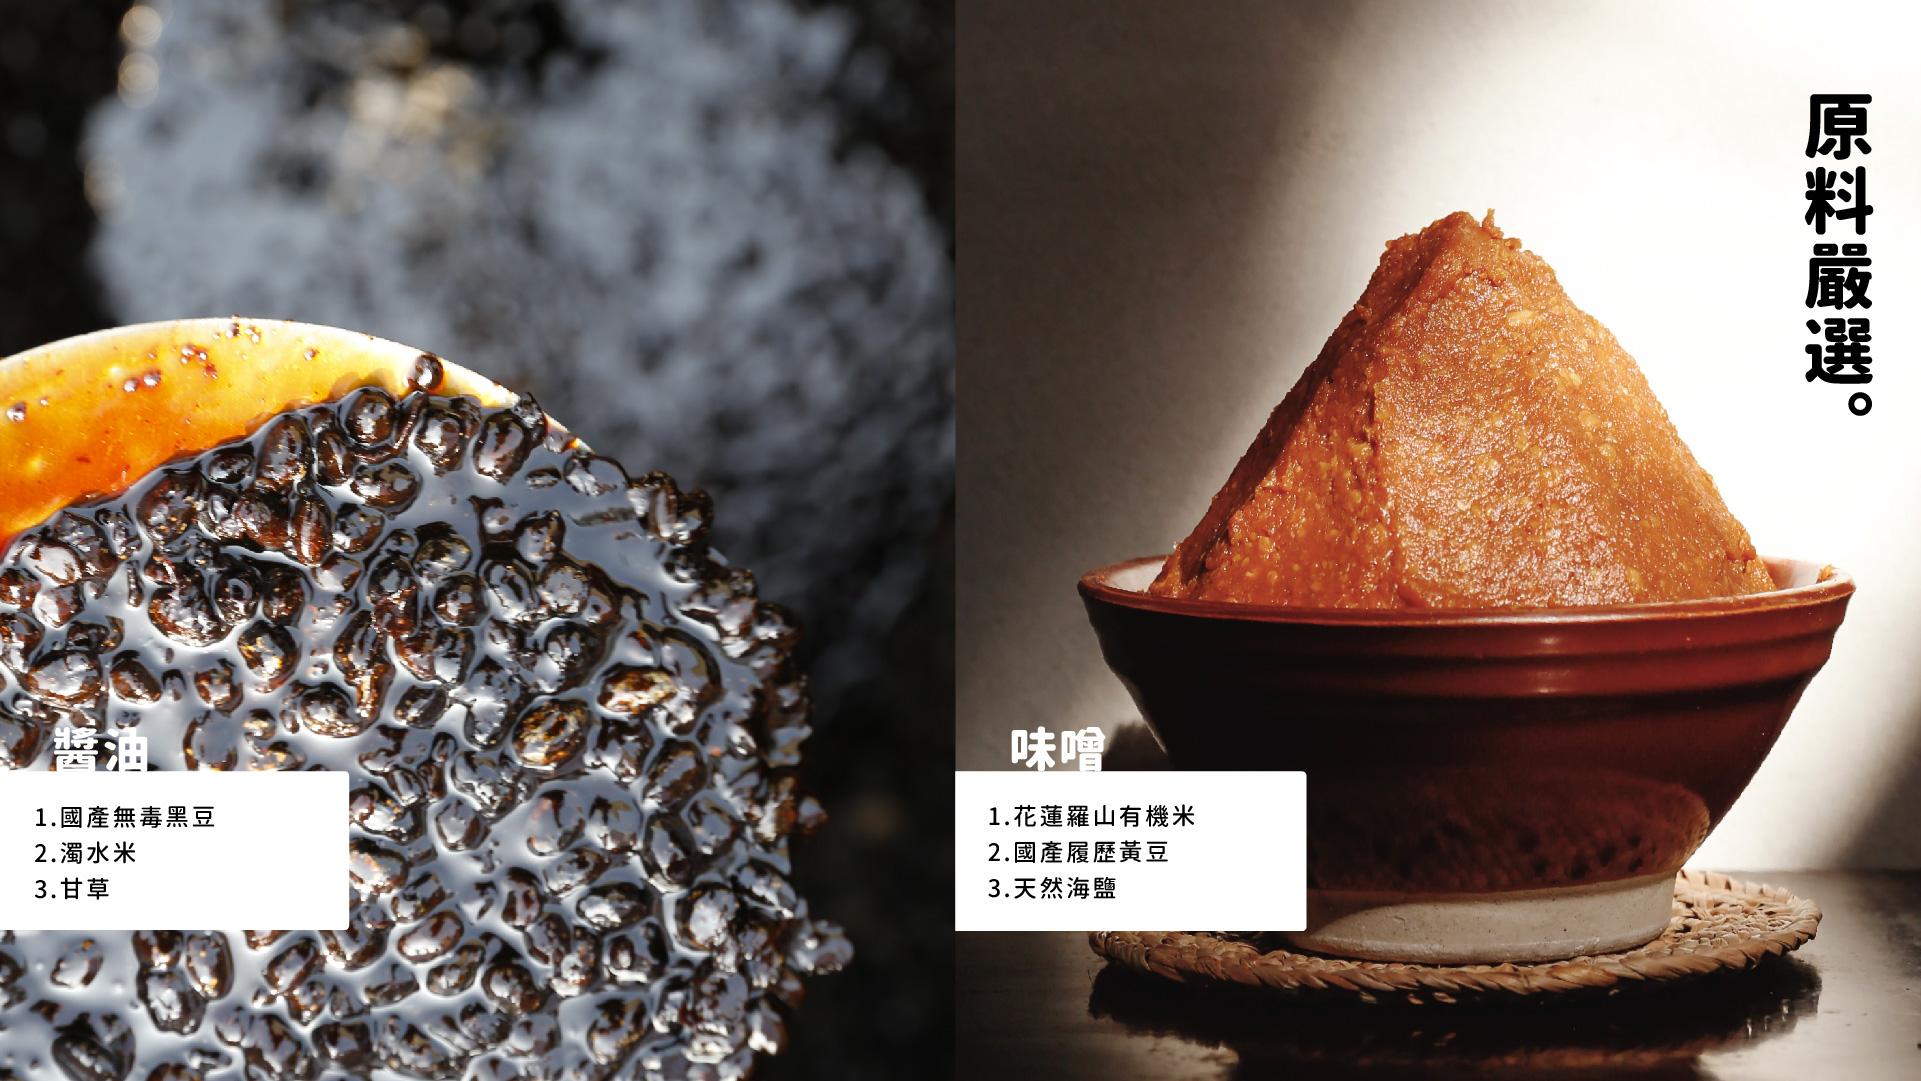 原料嚴選 | 禾乃川國產豆製所 | 改變生命的豆漿店